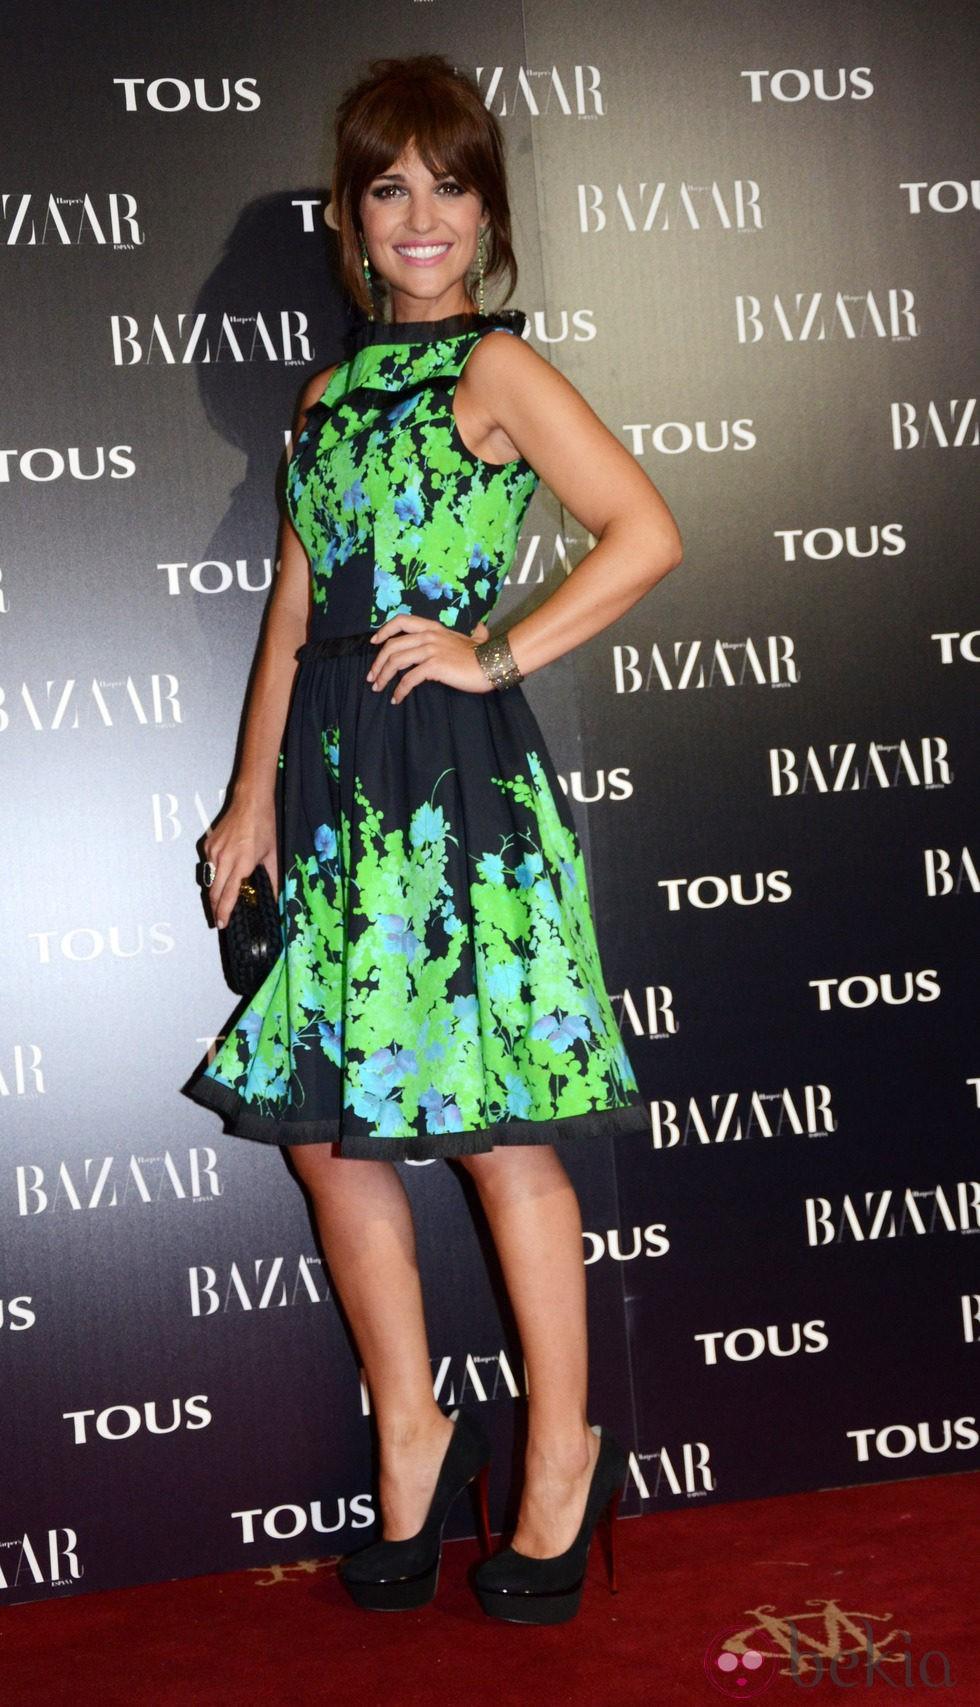 Paula Echevarría con un vestido estampado verde y negro - El estilo ...